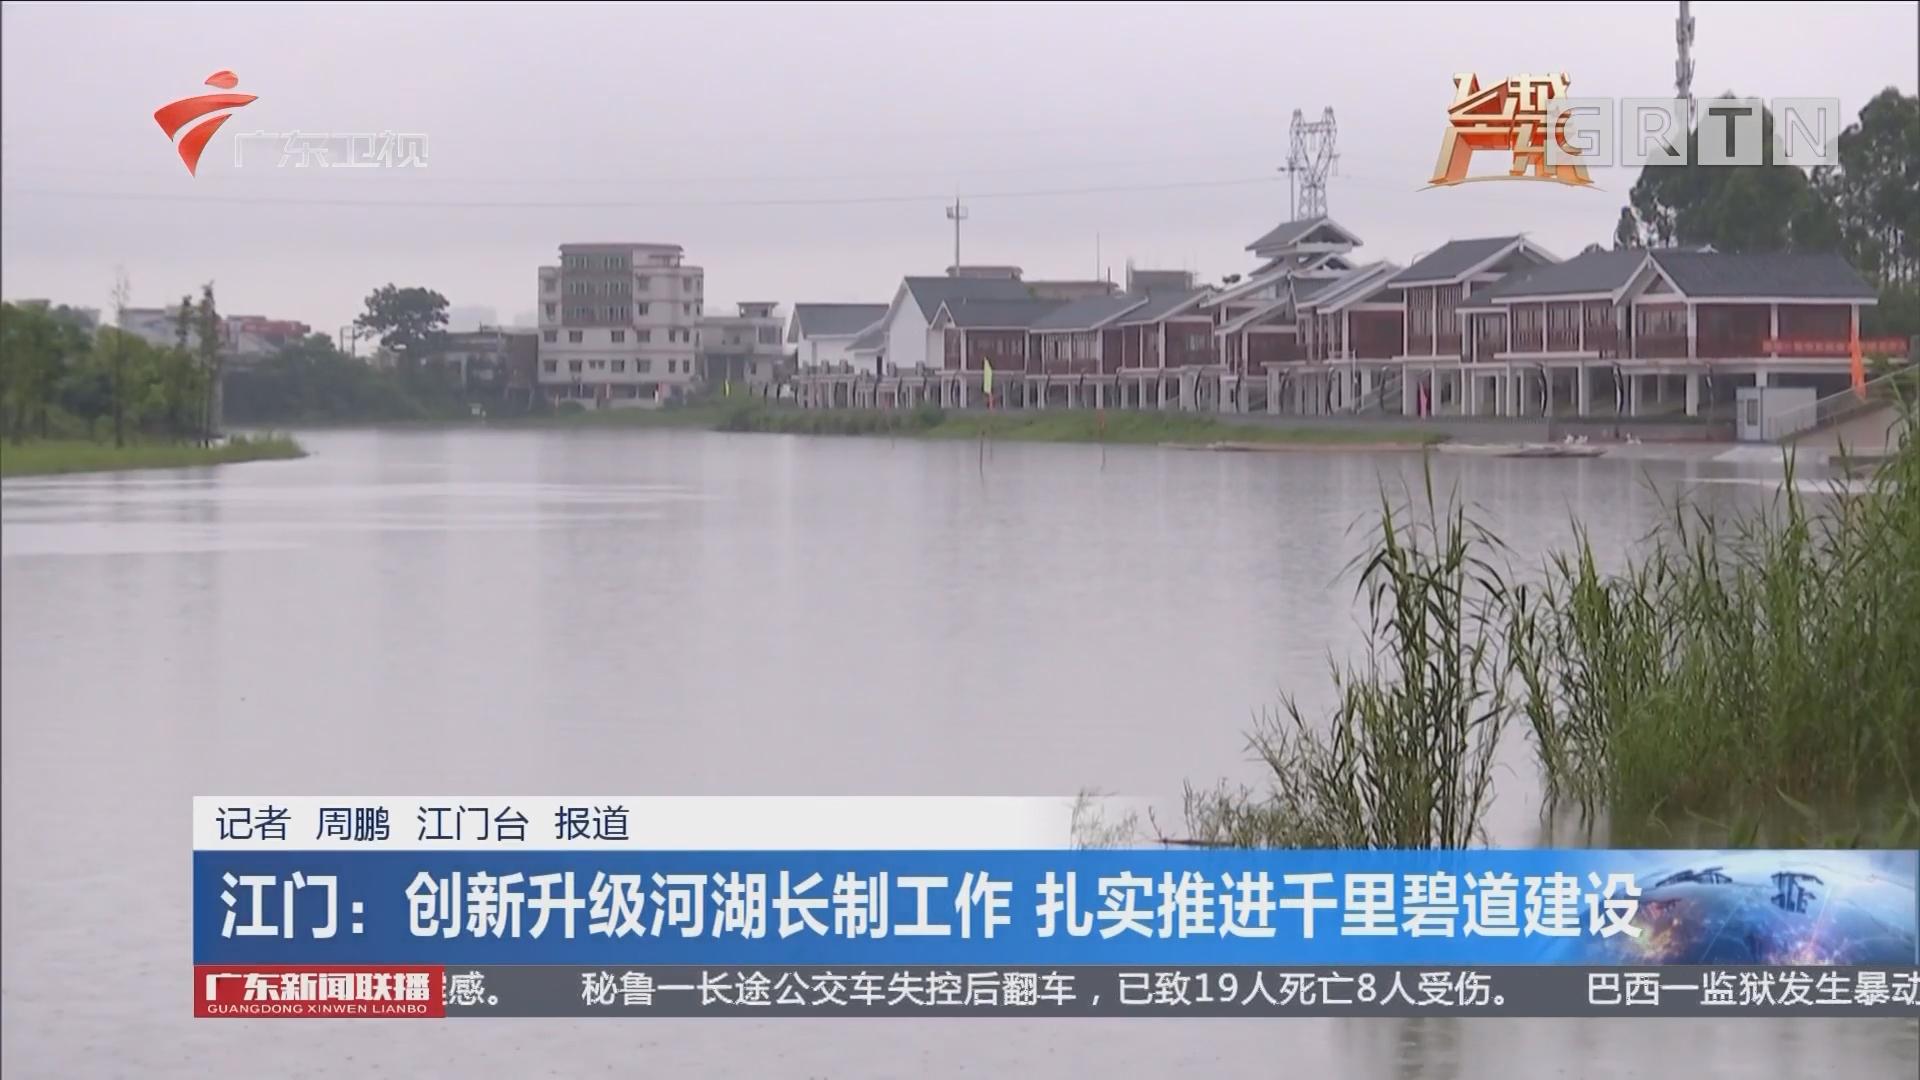 江门:创新升级河湖长制工作 扎实推进千里碧道建设